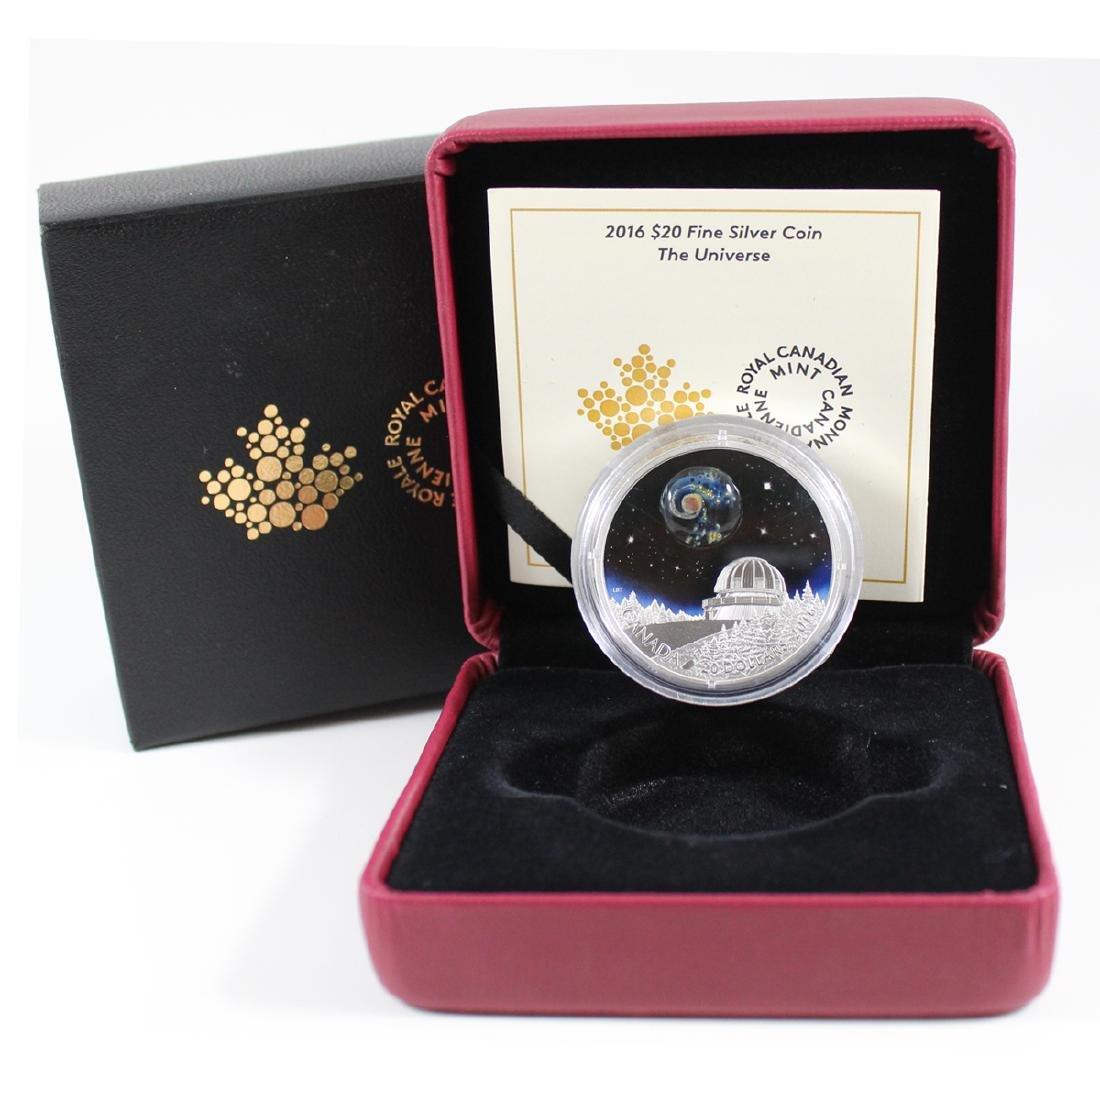 2016 Canada $20 The Universe Fine Silver Coin (TAX